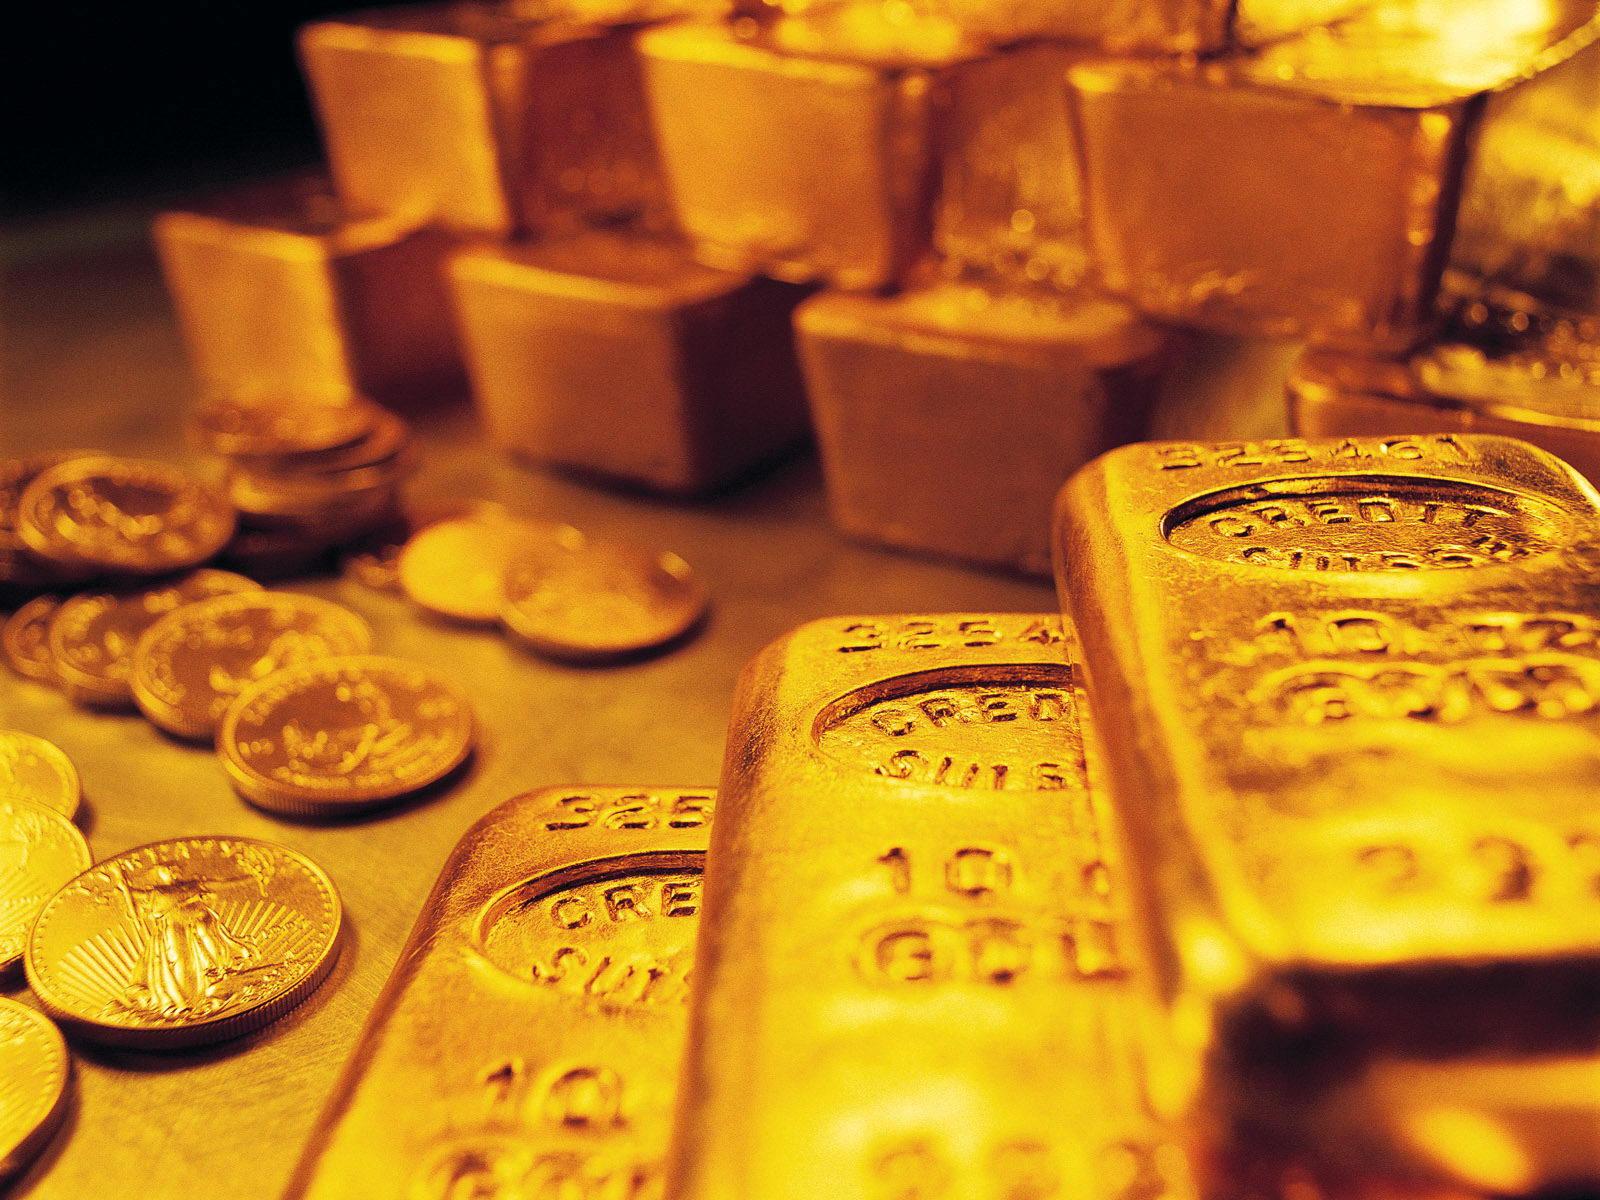 市场避险情绪急升 黄金飙升连破两关重返千五上方